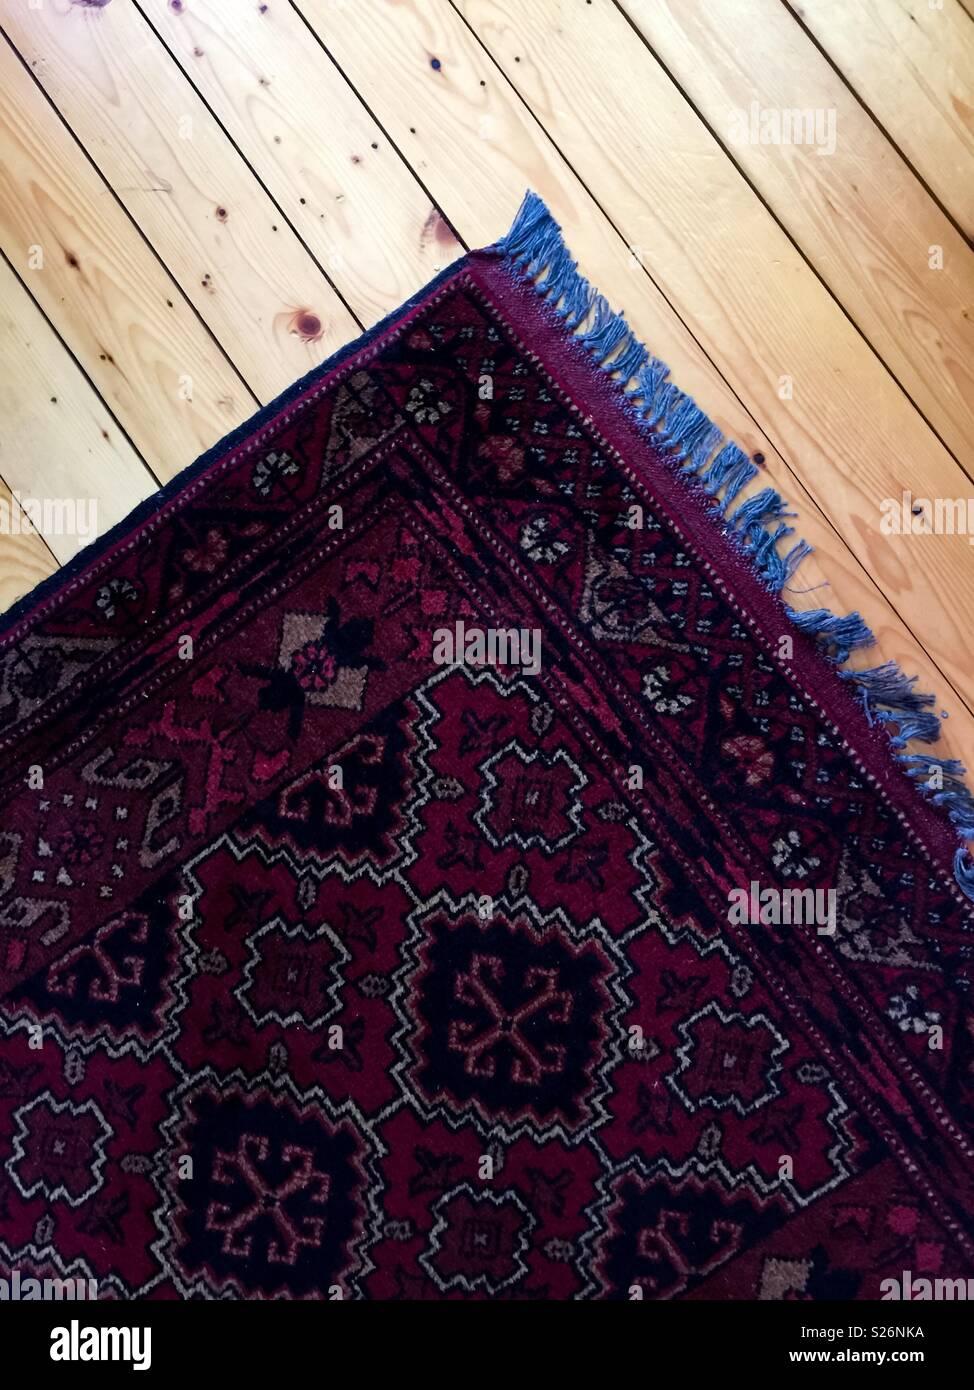 Orientteppich auf pine Boden Stockbild